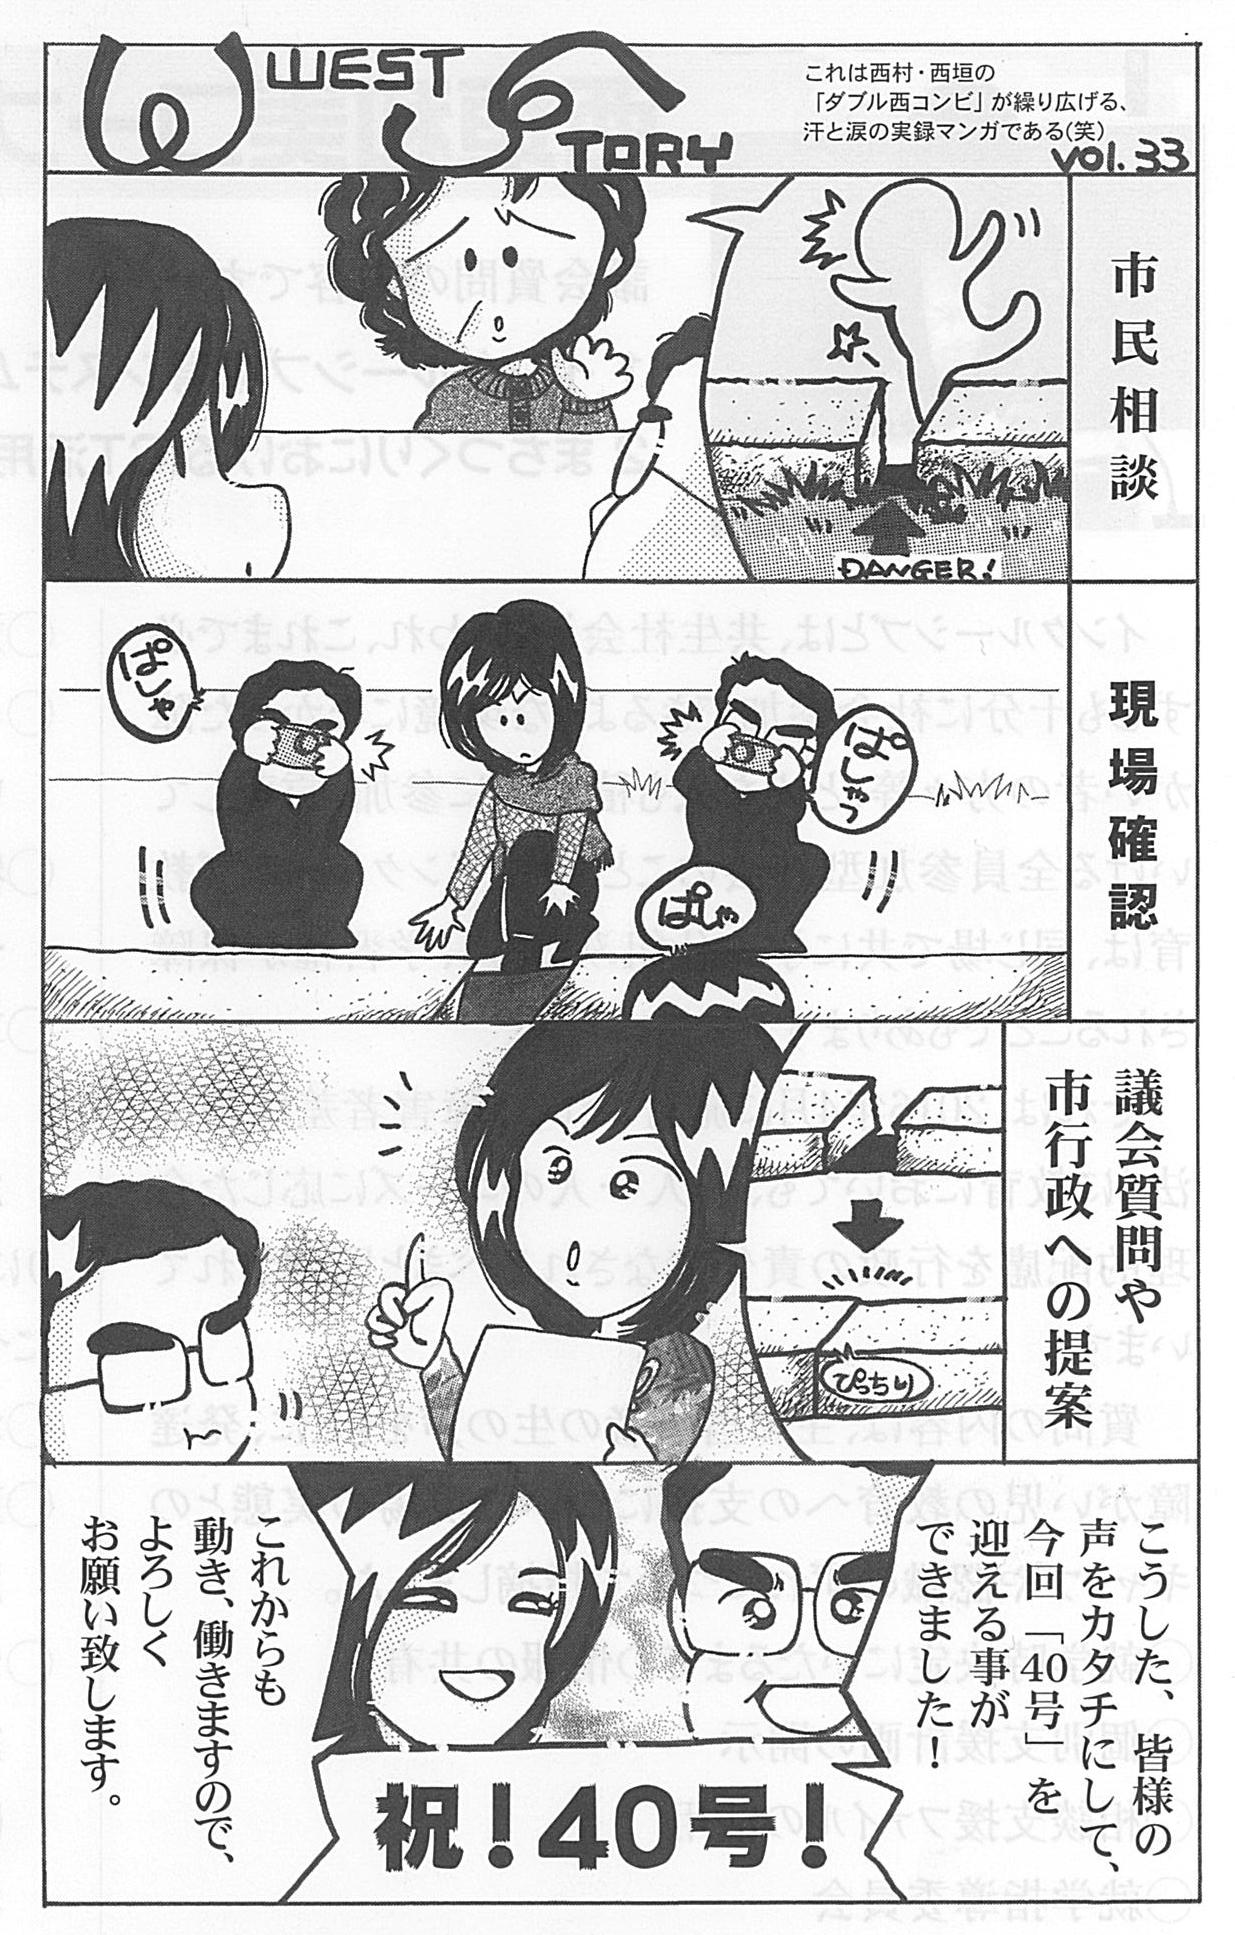 jitsuroku_vol33.jpg